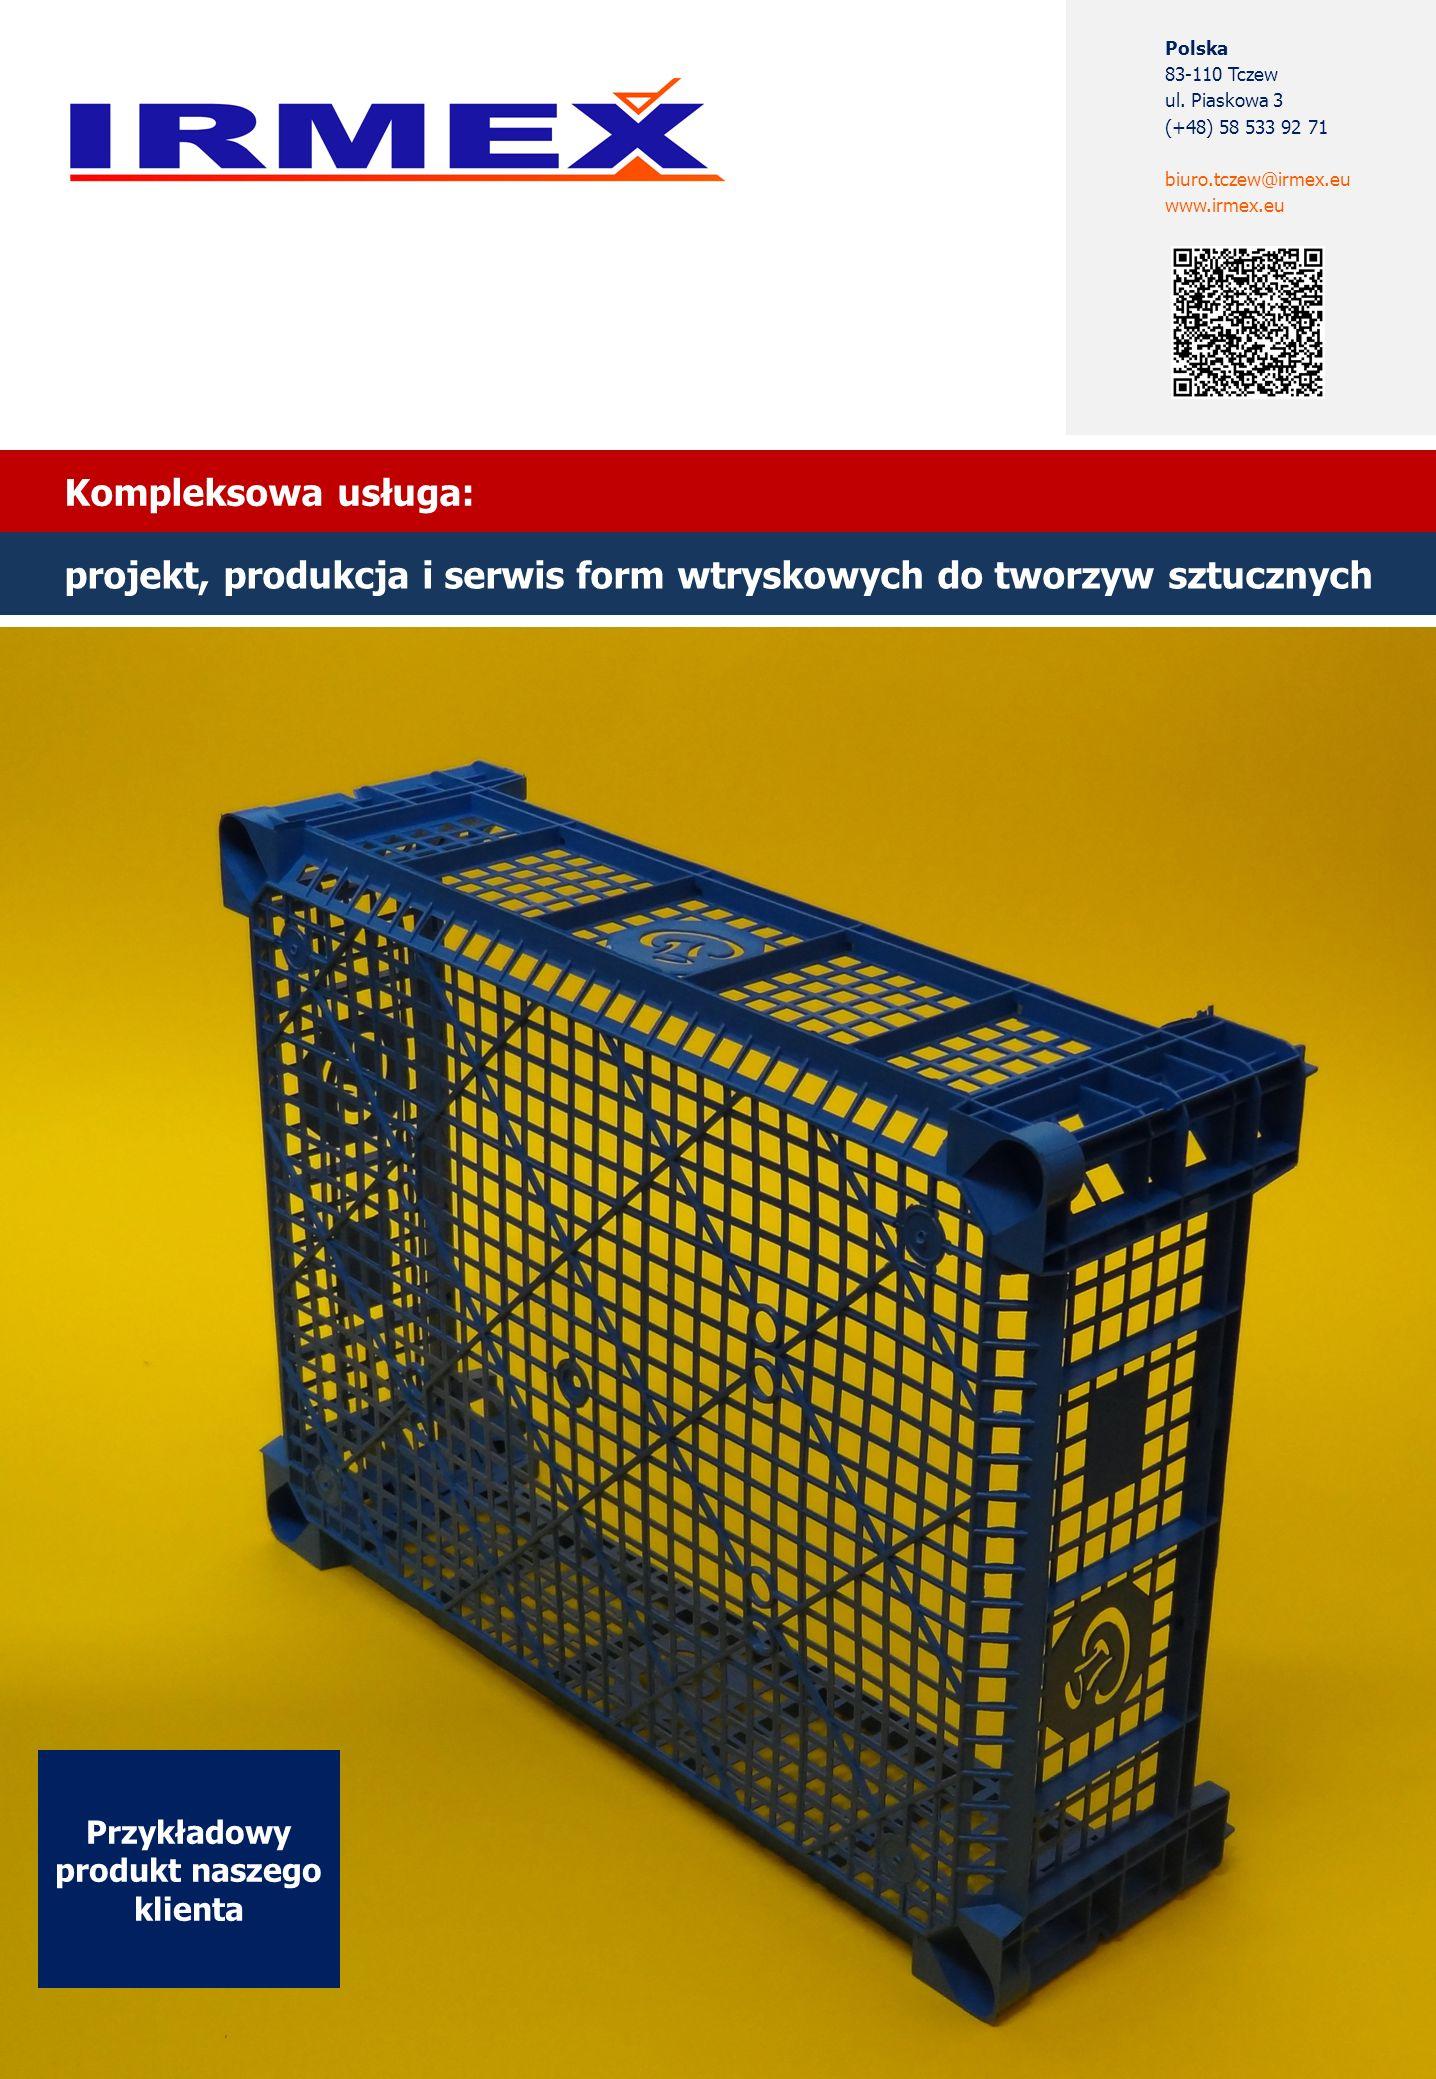 Przykładowy produkt naszego klienta Kompleksowa usługa: projekt, produkcja i serwis form wtryskowych do tworzyw sztucznych Polska 83-110 Tczew ul. Pia